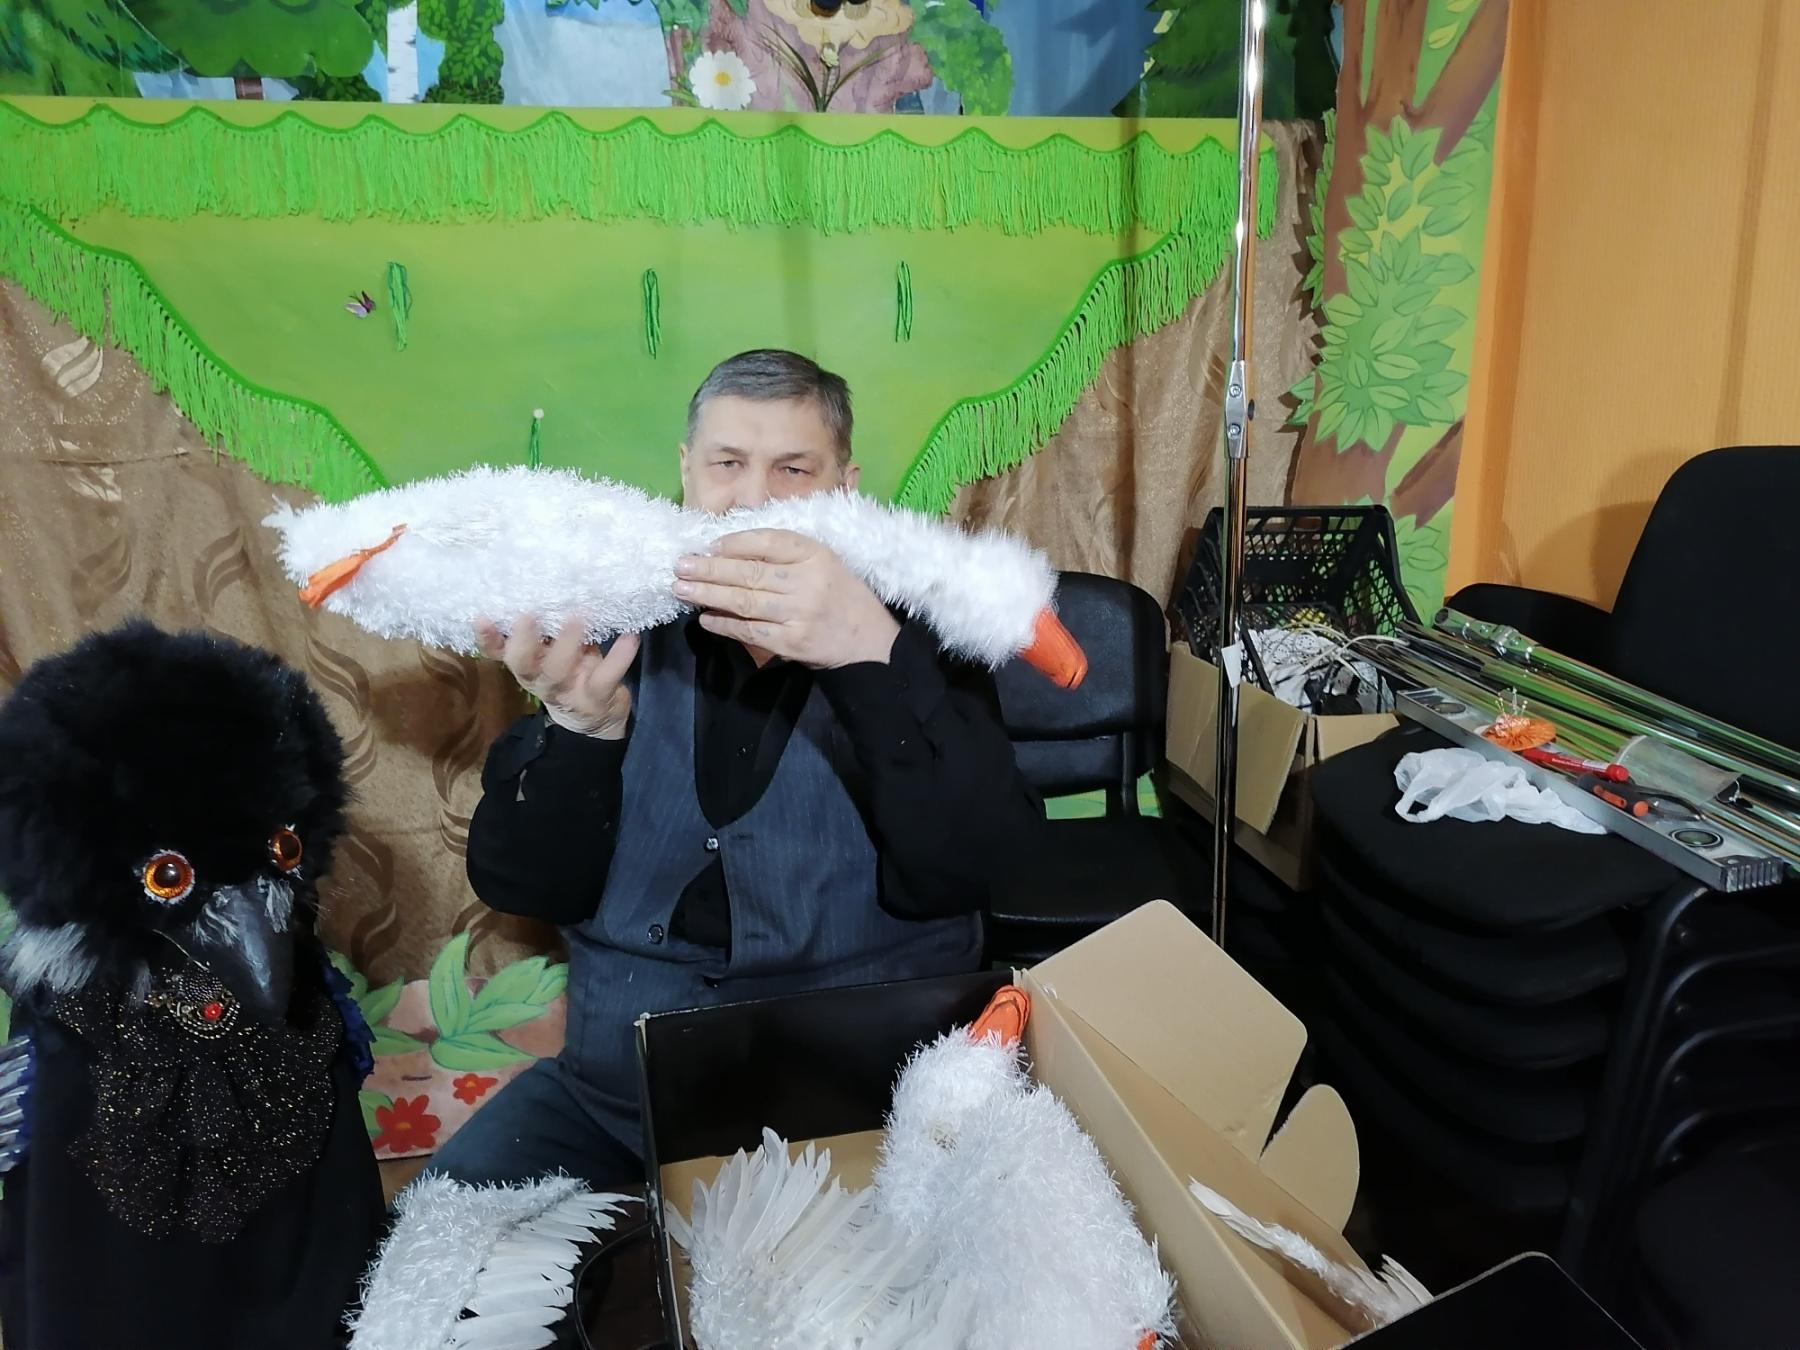 Фото Повелитель  бабы Яги и укротитель чёрной Вороны: мастер-кукольник под Новосибирском создаёт игрушки для театра инвалидов 4